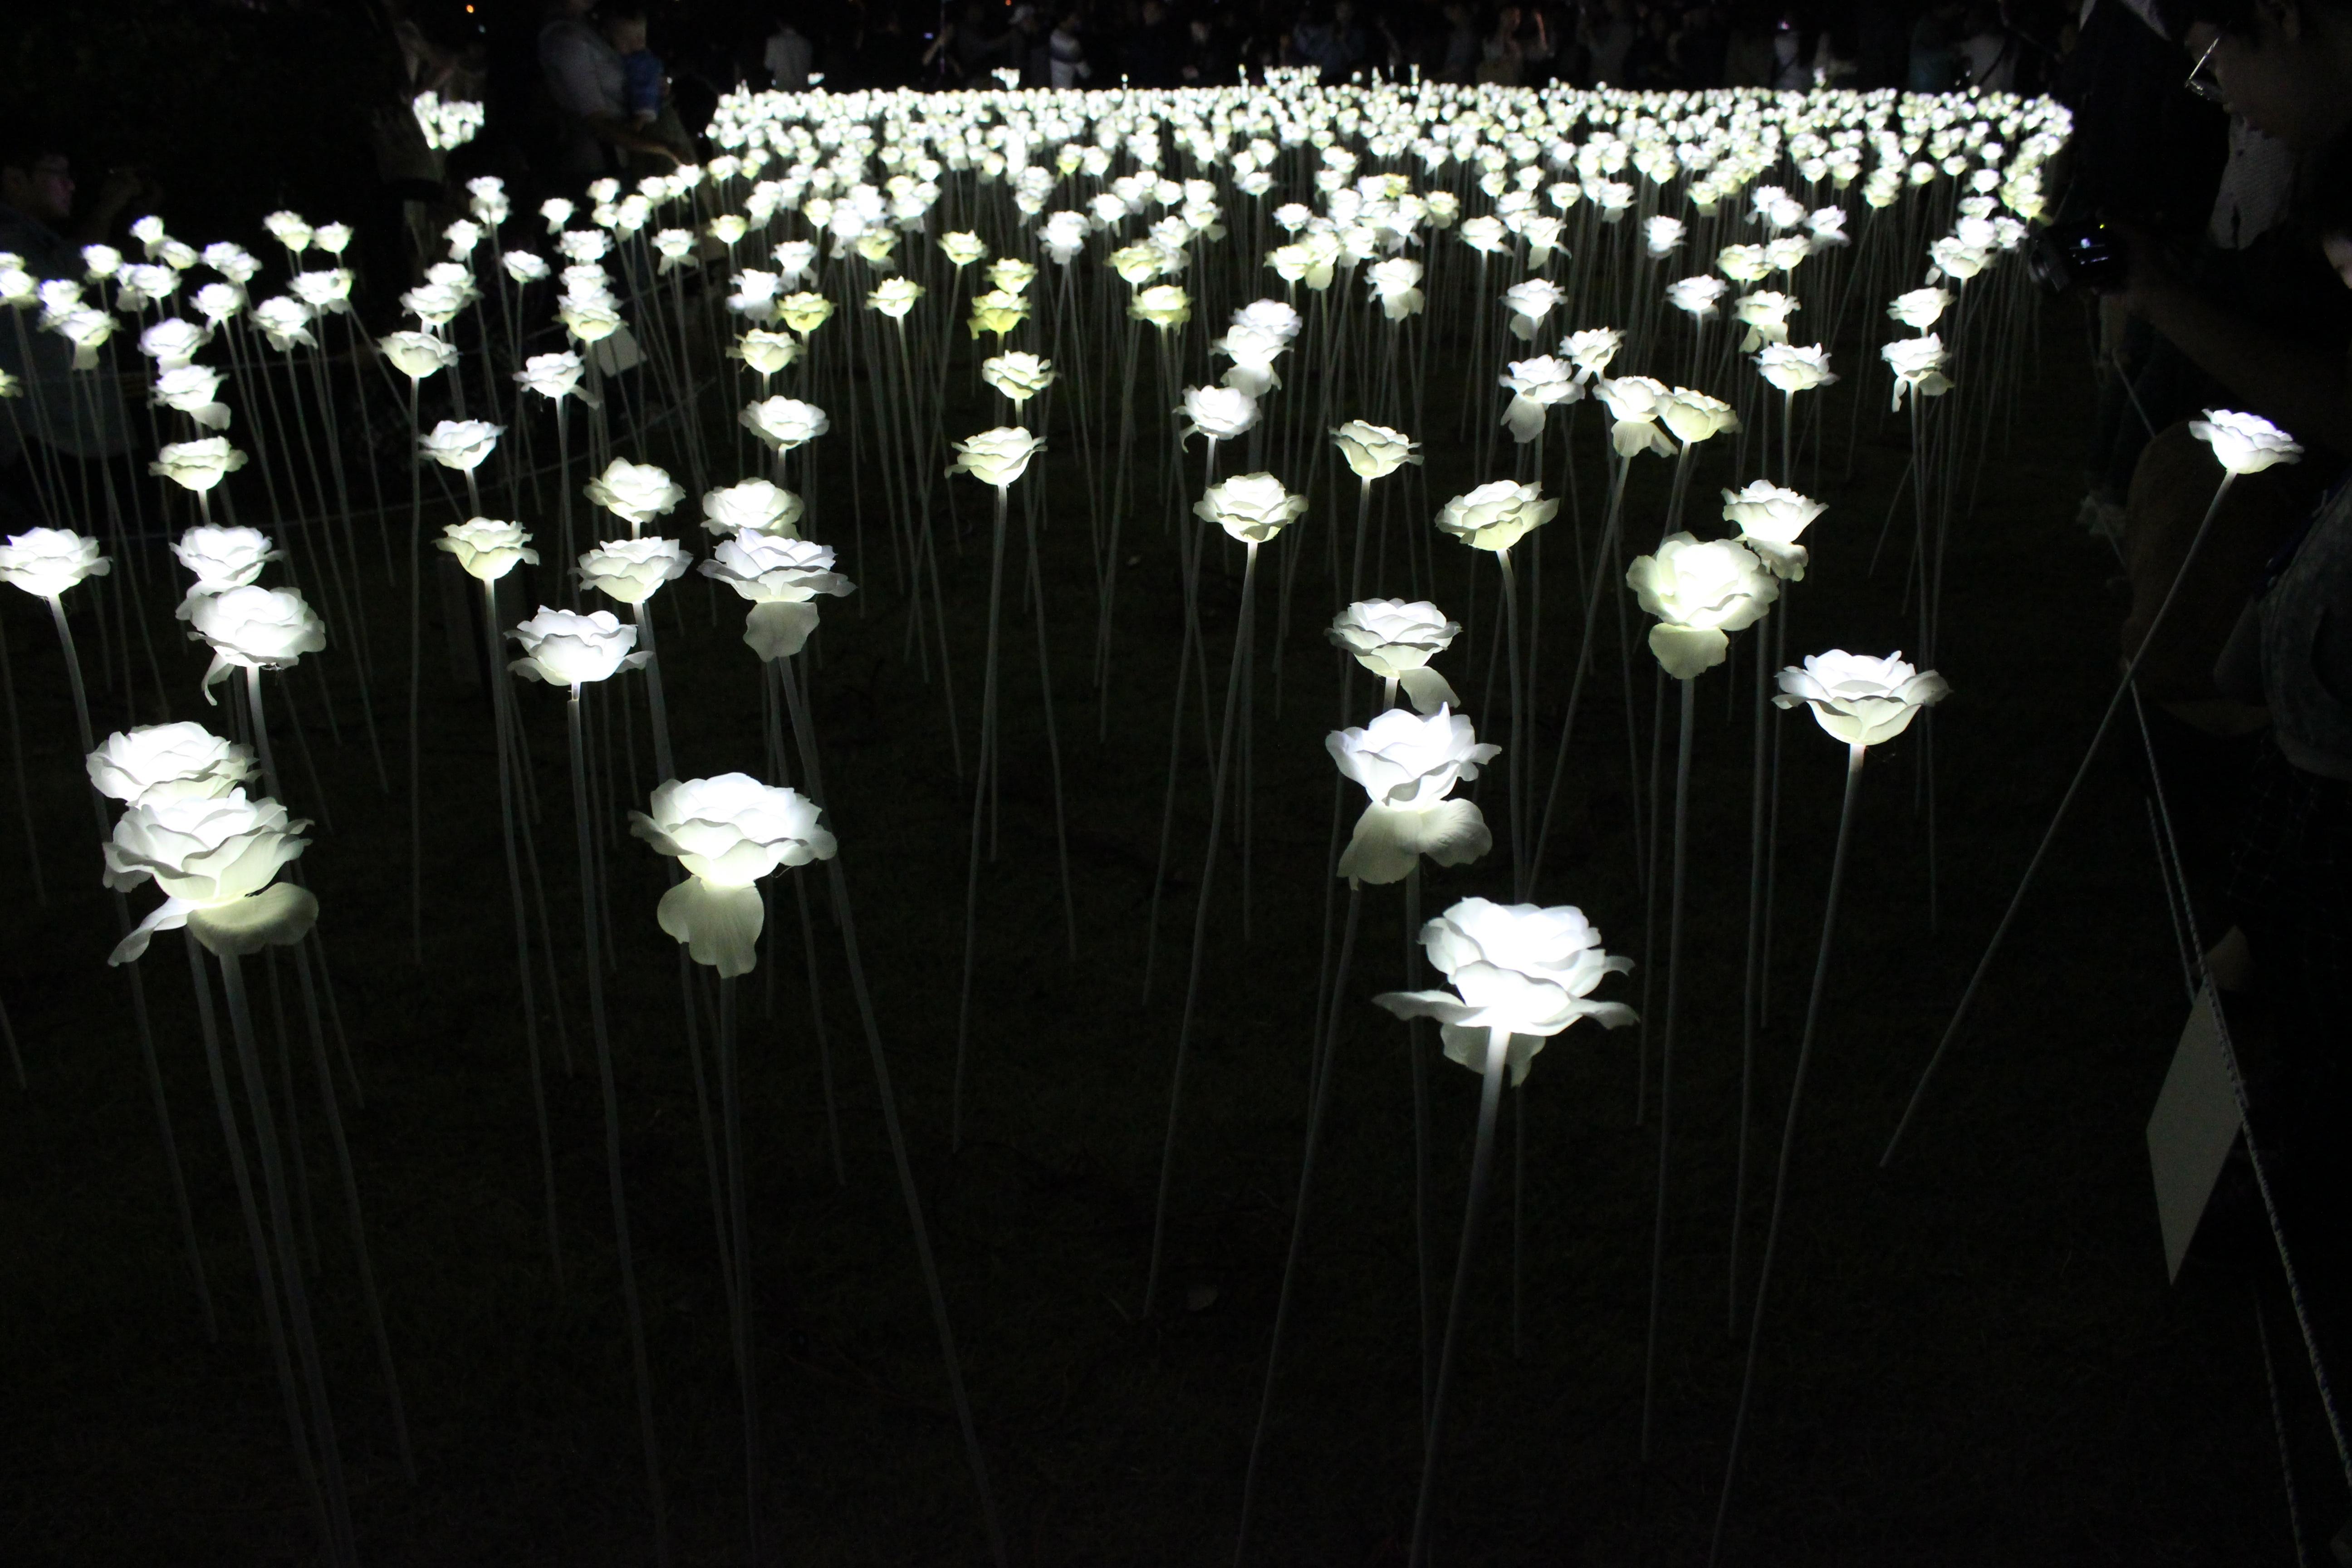 Fotos Gratis Planta Blanco Flor Rosa Oscuridad Flores